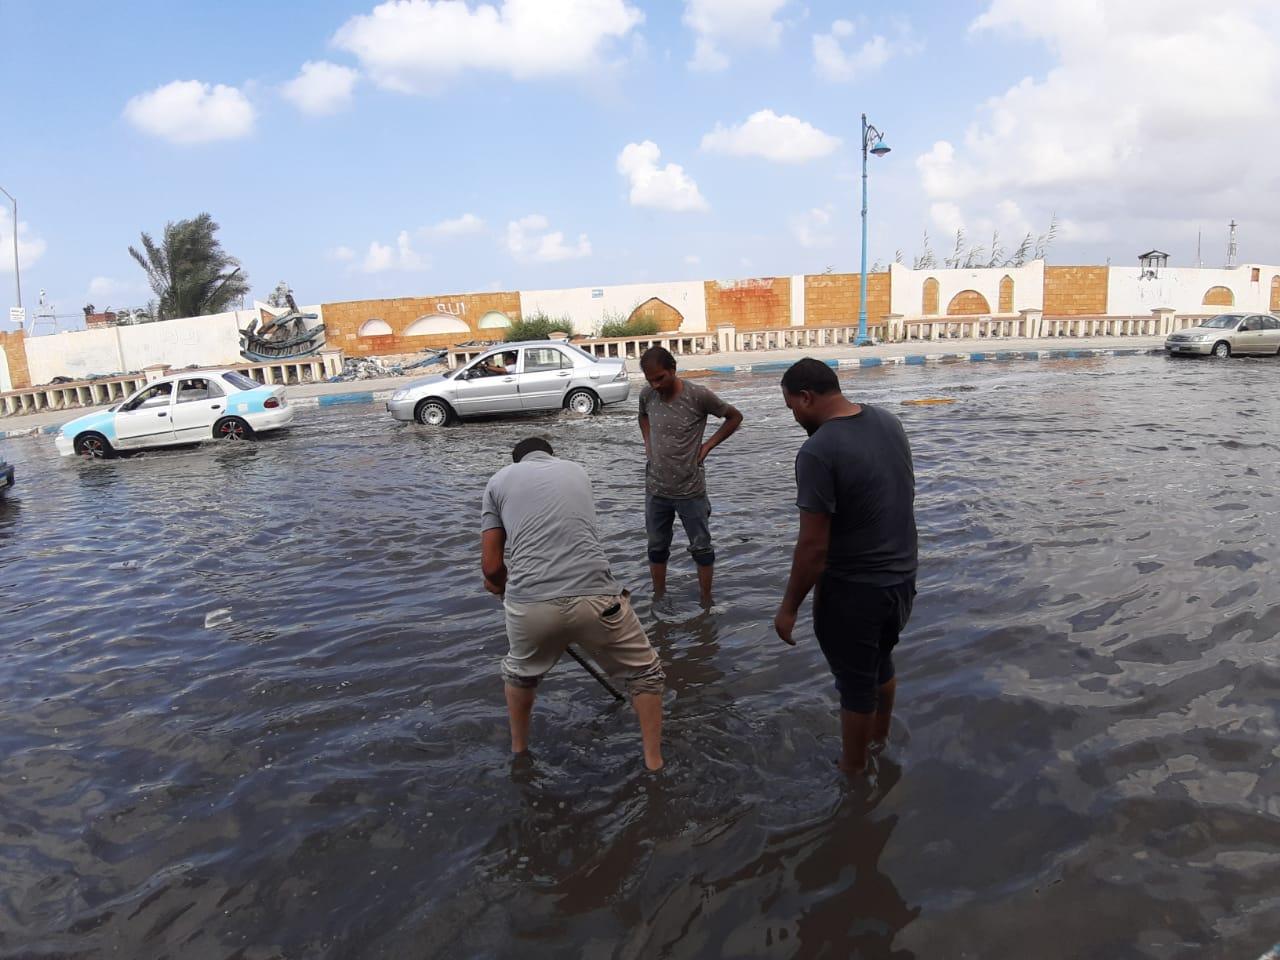 إزالة تجمعات مياه الأمطار من بعض شوارع مدينة مرسي مطروح  (5)